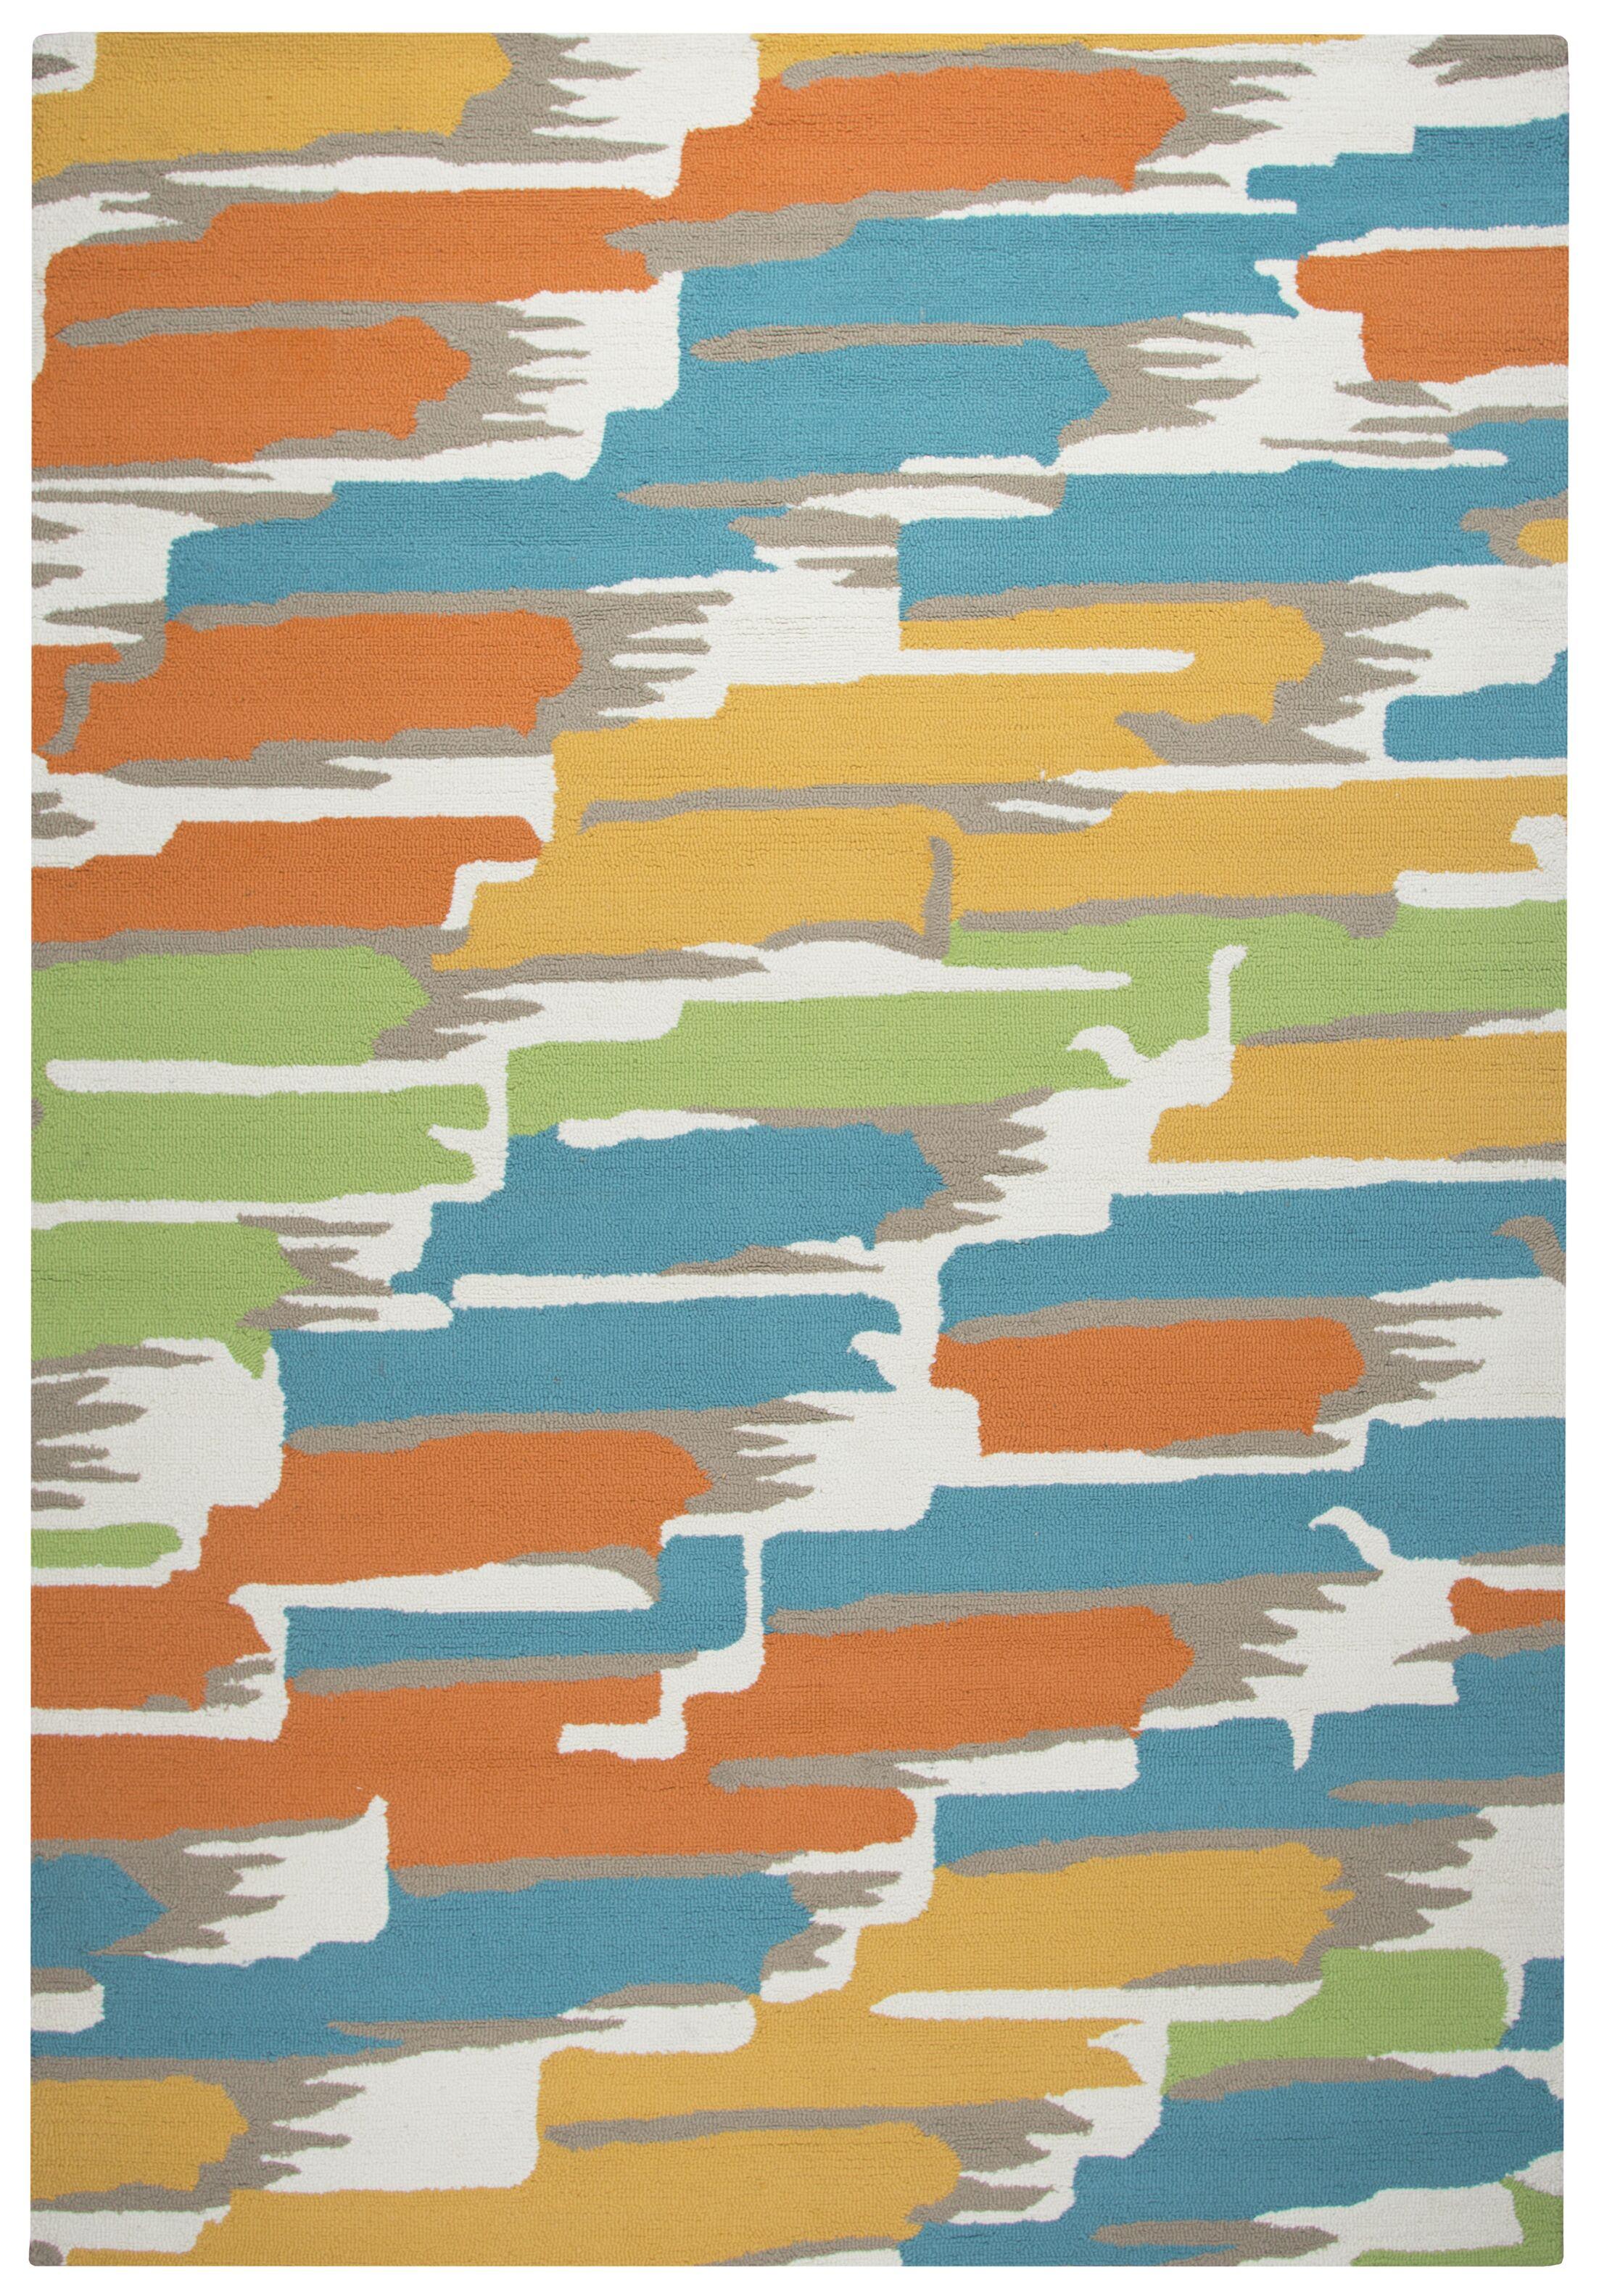 Evangeline Water Resistant Hand-Tufted Indoor/Outdoor Area Rug Size: Rectangle 9' x 12'